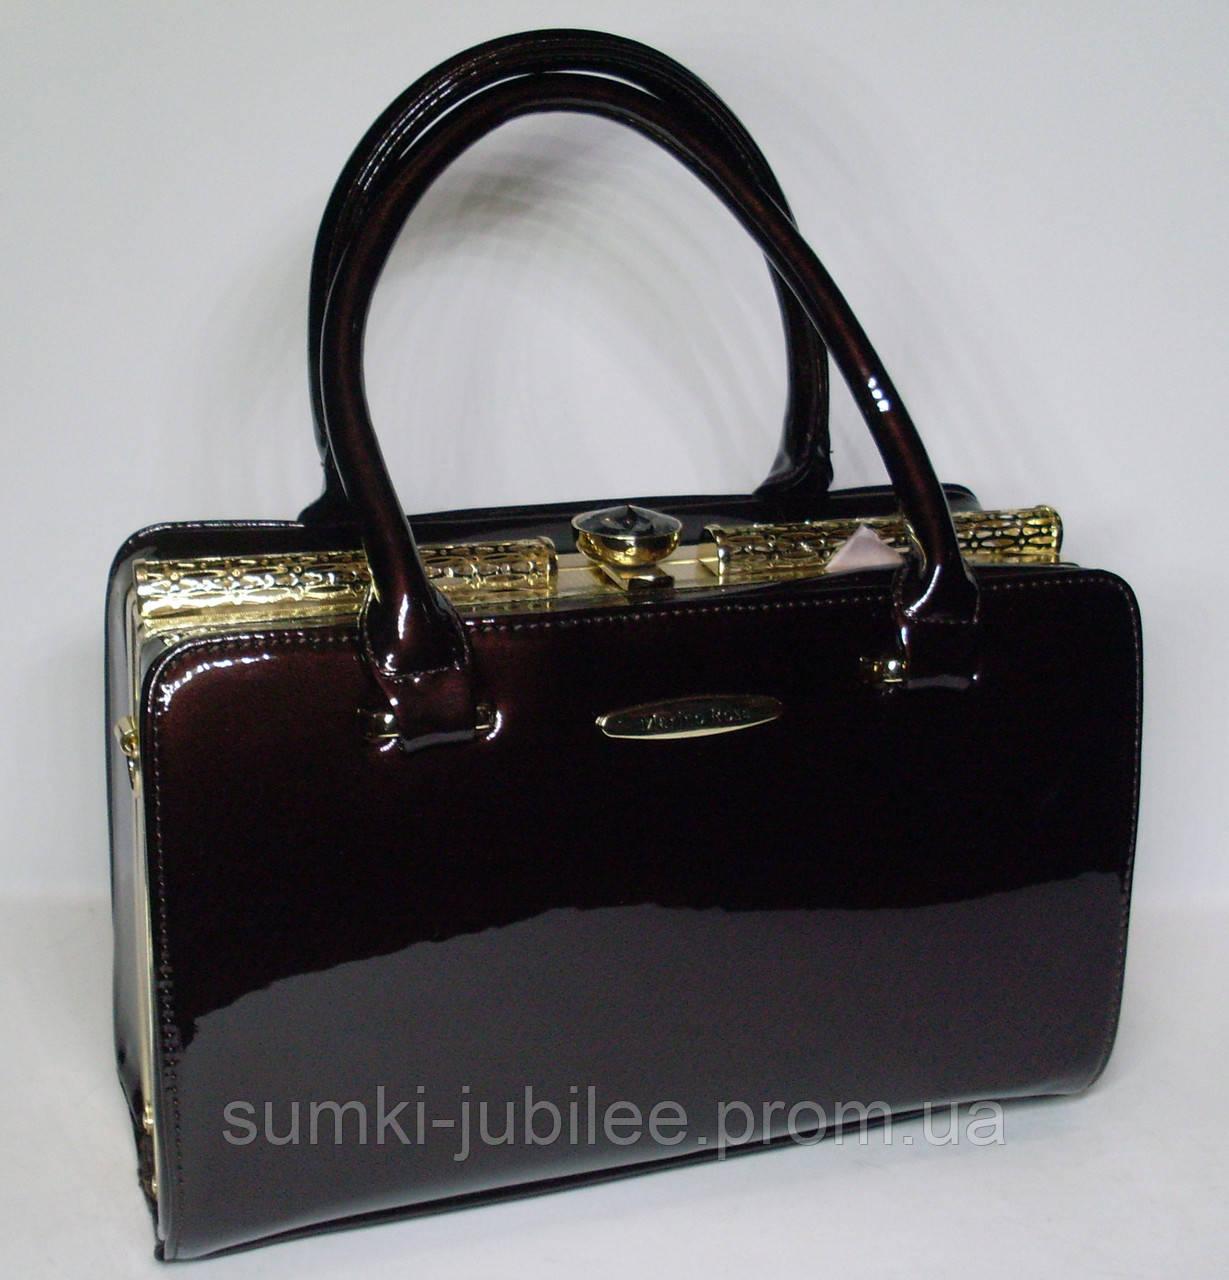 f15f2403d91d Стильная женская лаковая сумка-Ридикюль Marino Rose с рамочным замком цвета  шоколад